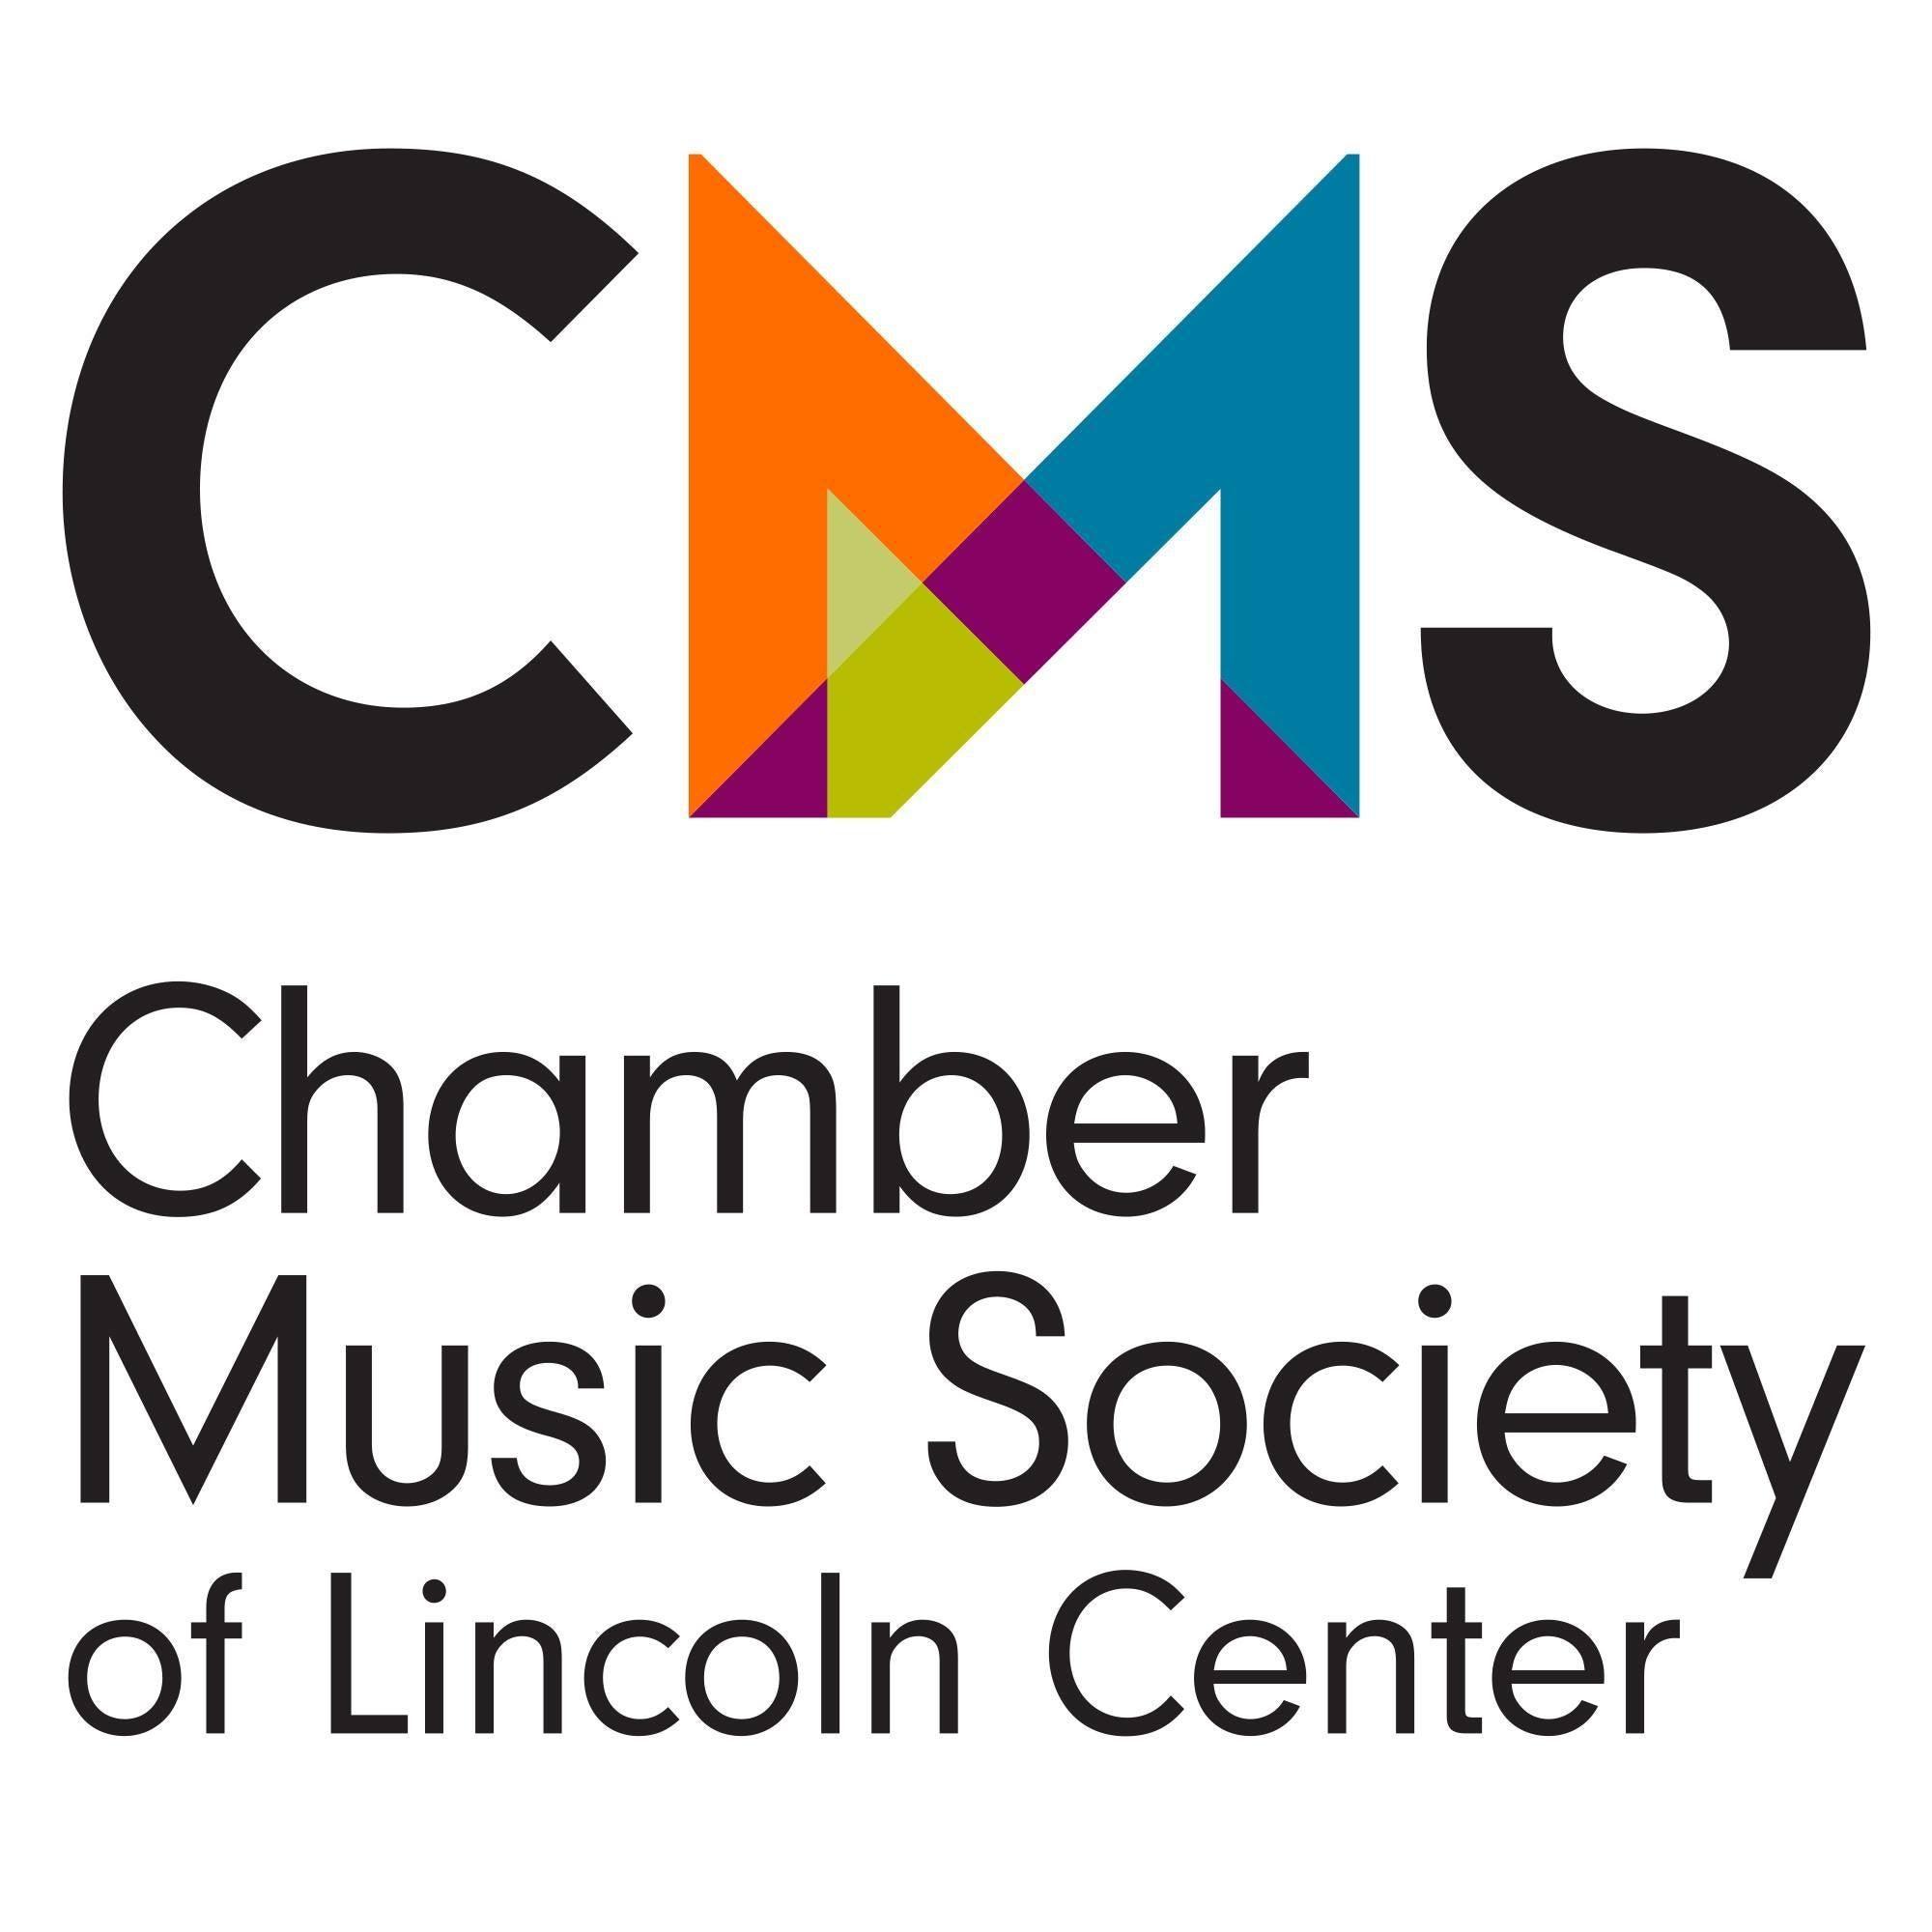 chambermusicsociety.jpg